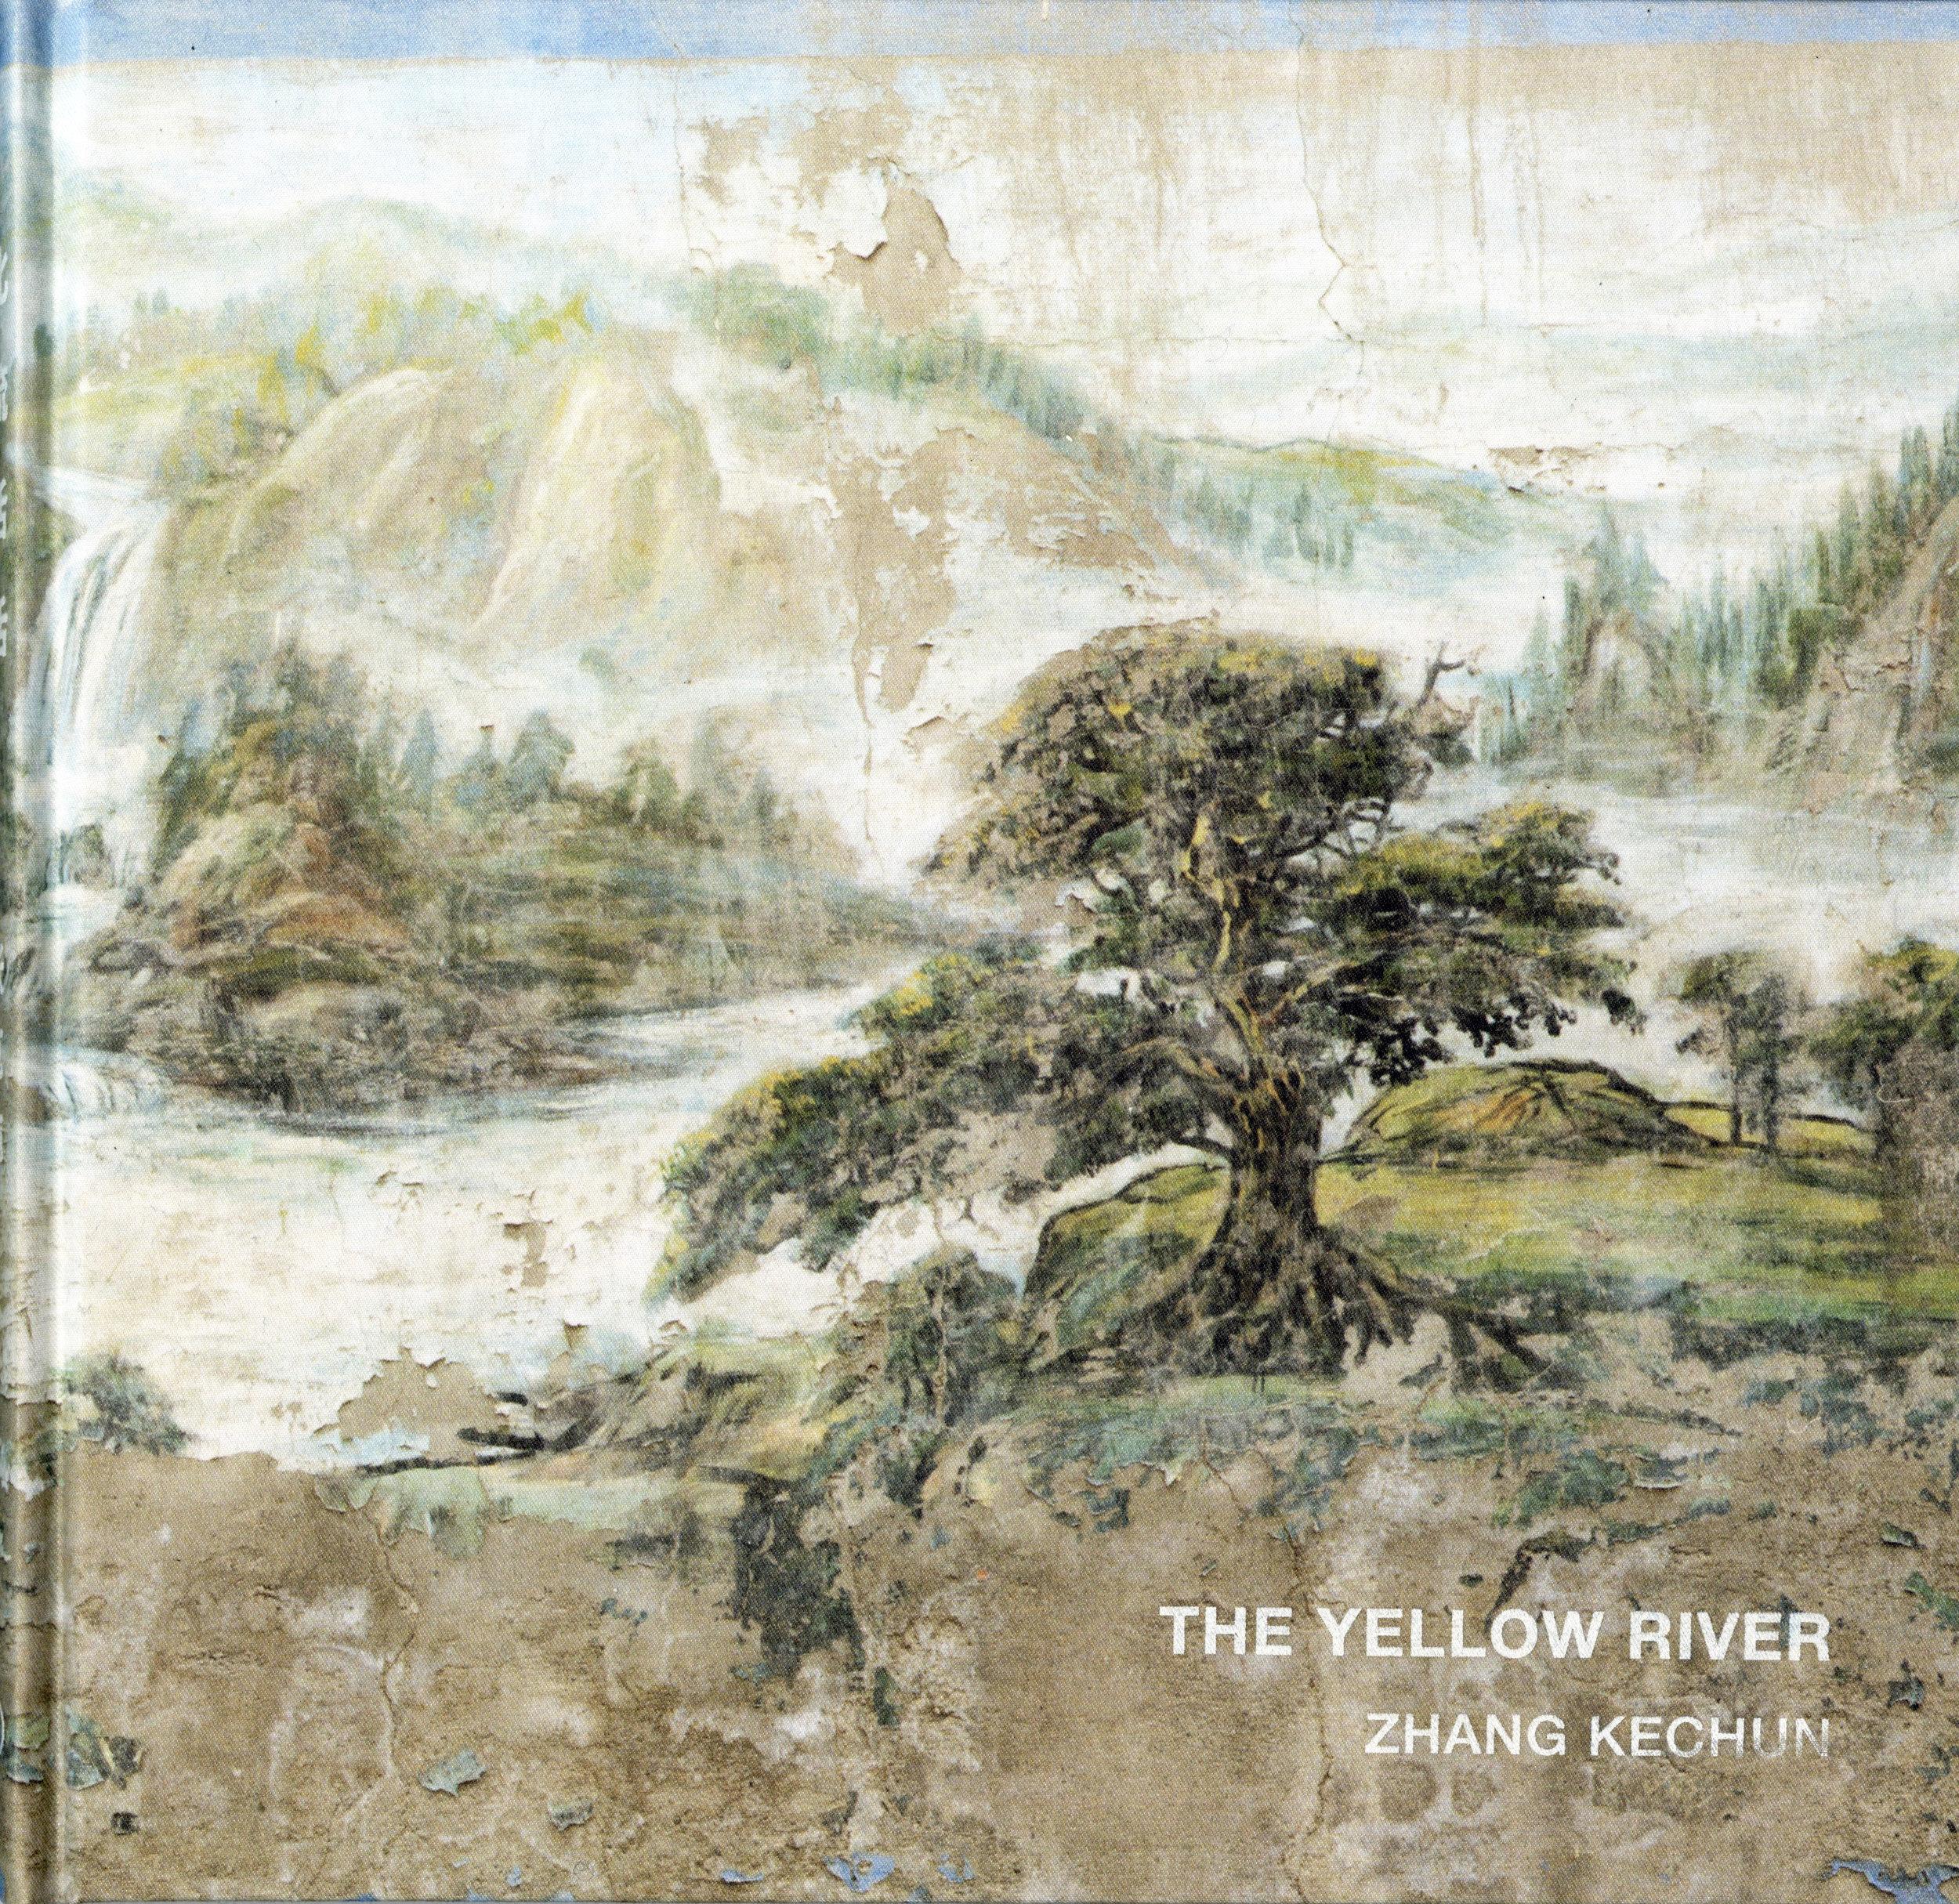 黃河 Yellow River   (附藝術家親筆簽名)  張克純  HKD 800